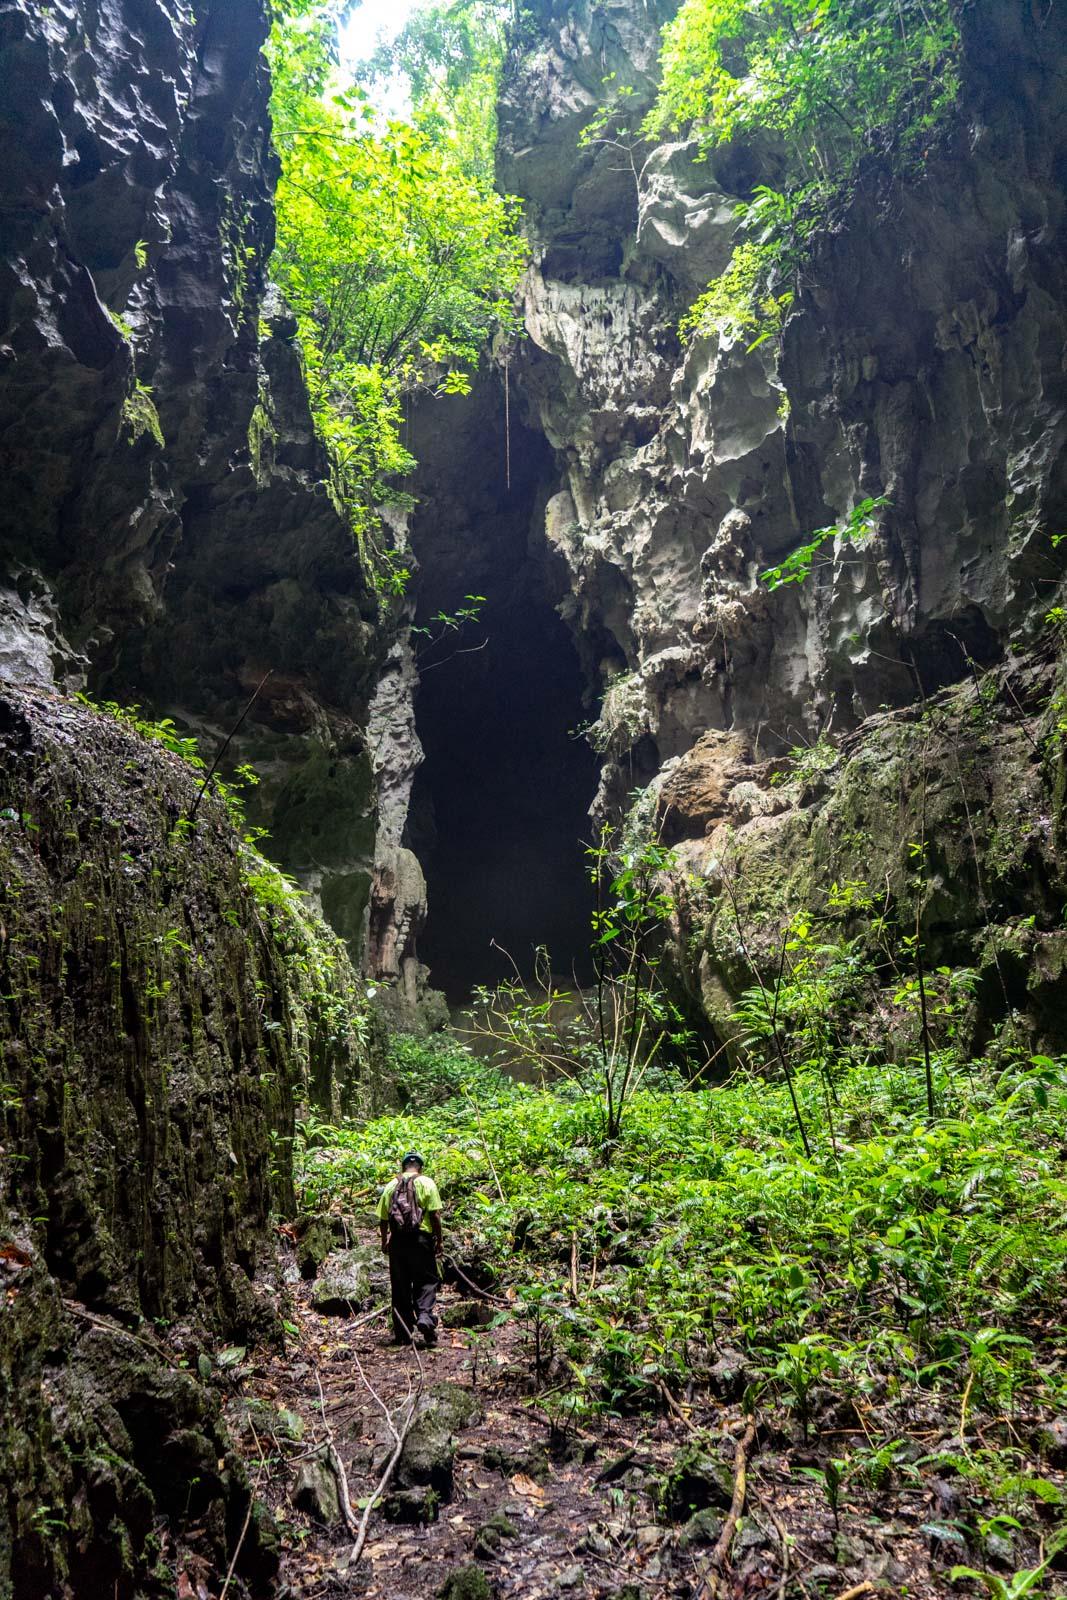 Tiger Cave from Punta Gorda, Belize